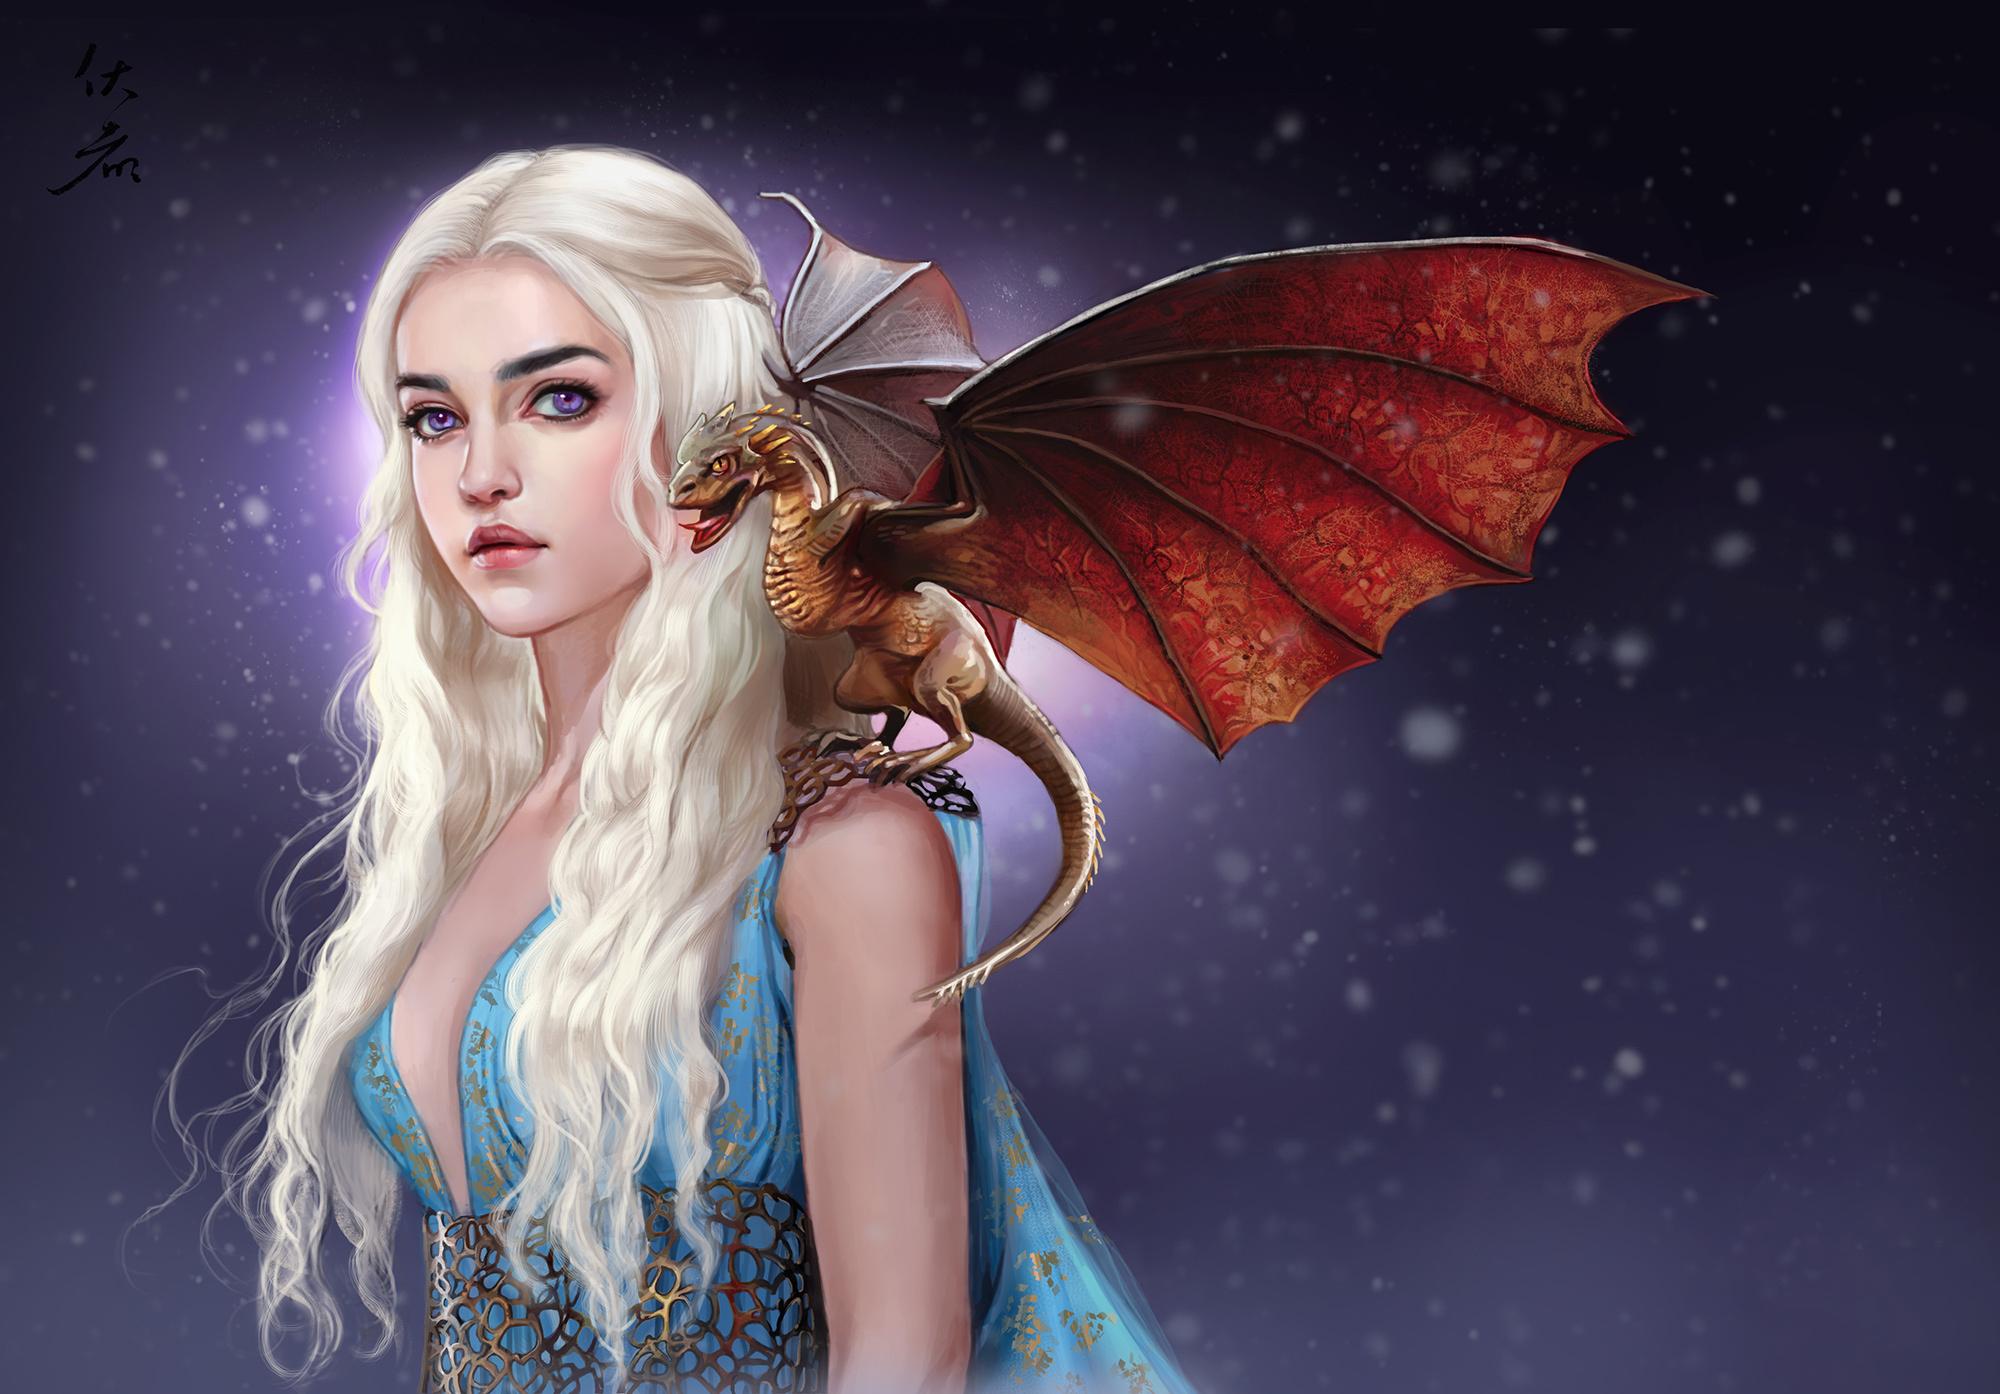 Khaleesi: Mother Of Dragons Computer Wallpapers, Desktop